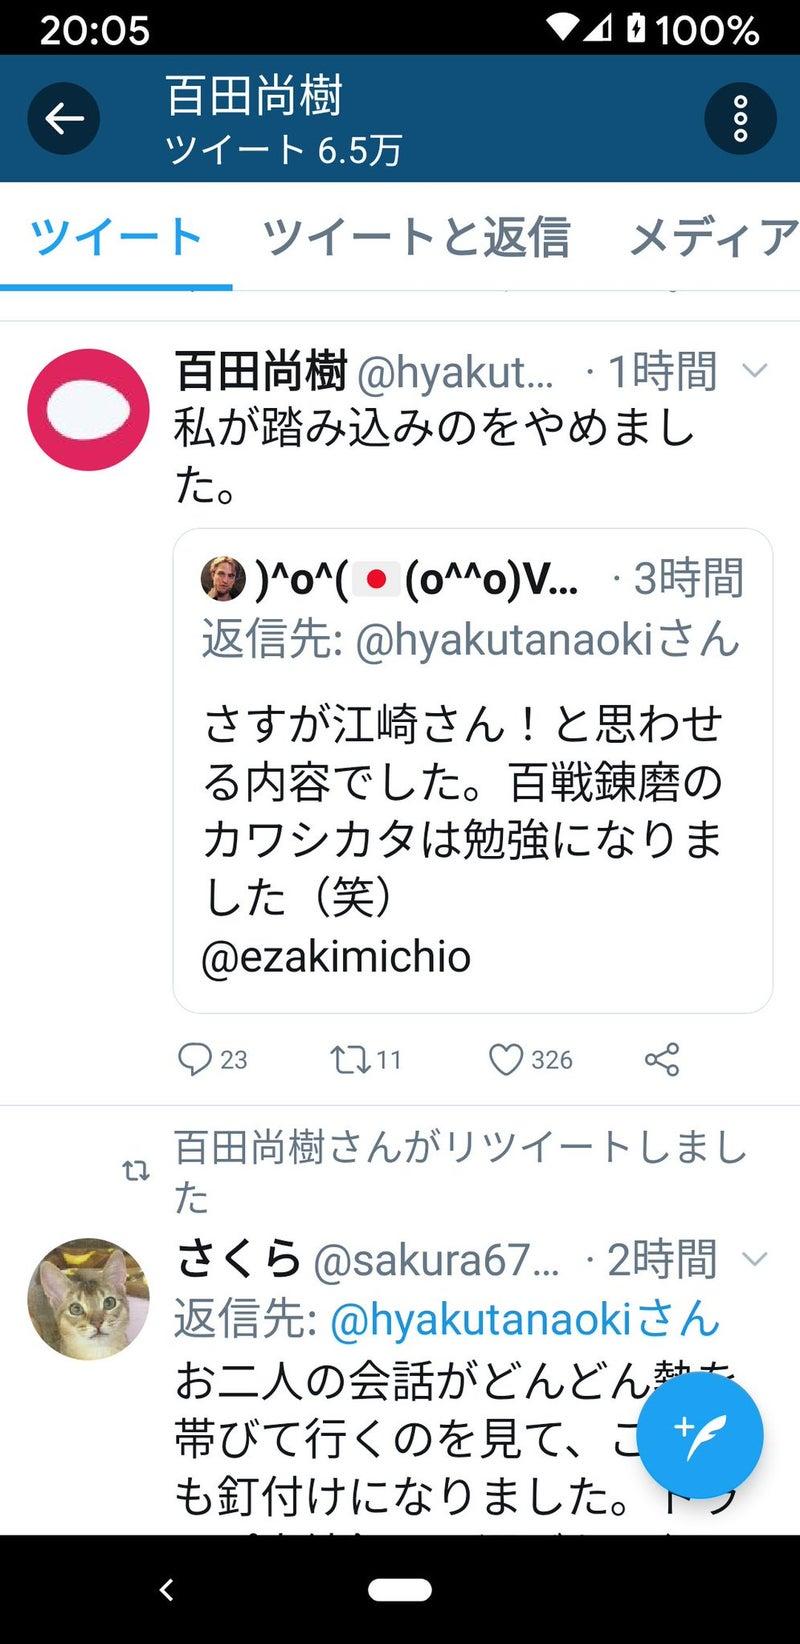 ニュース 今日 虎ノ門